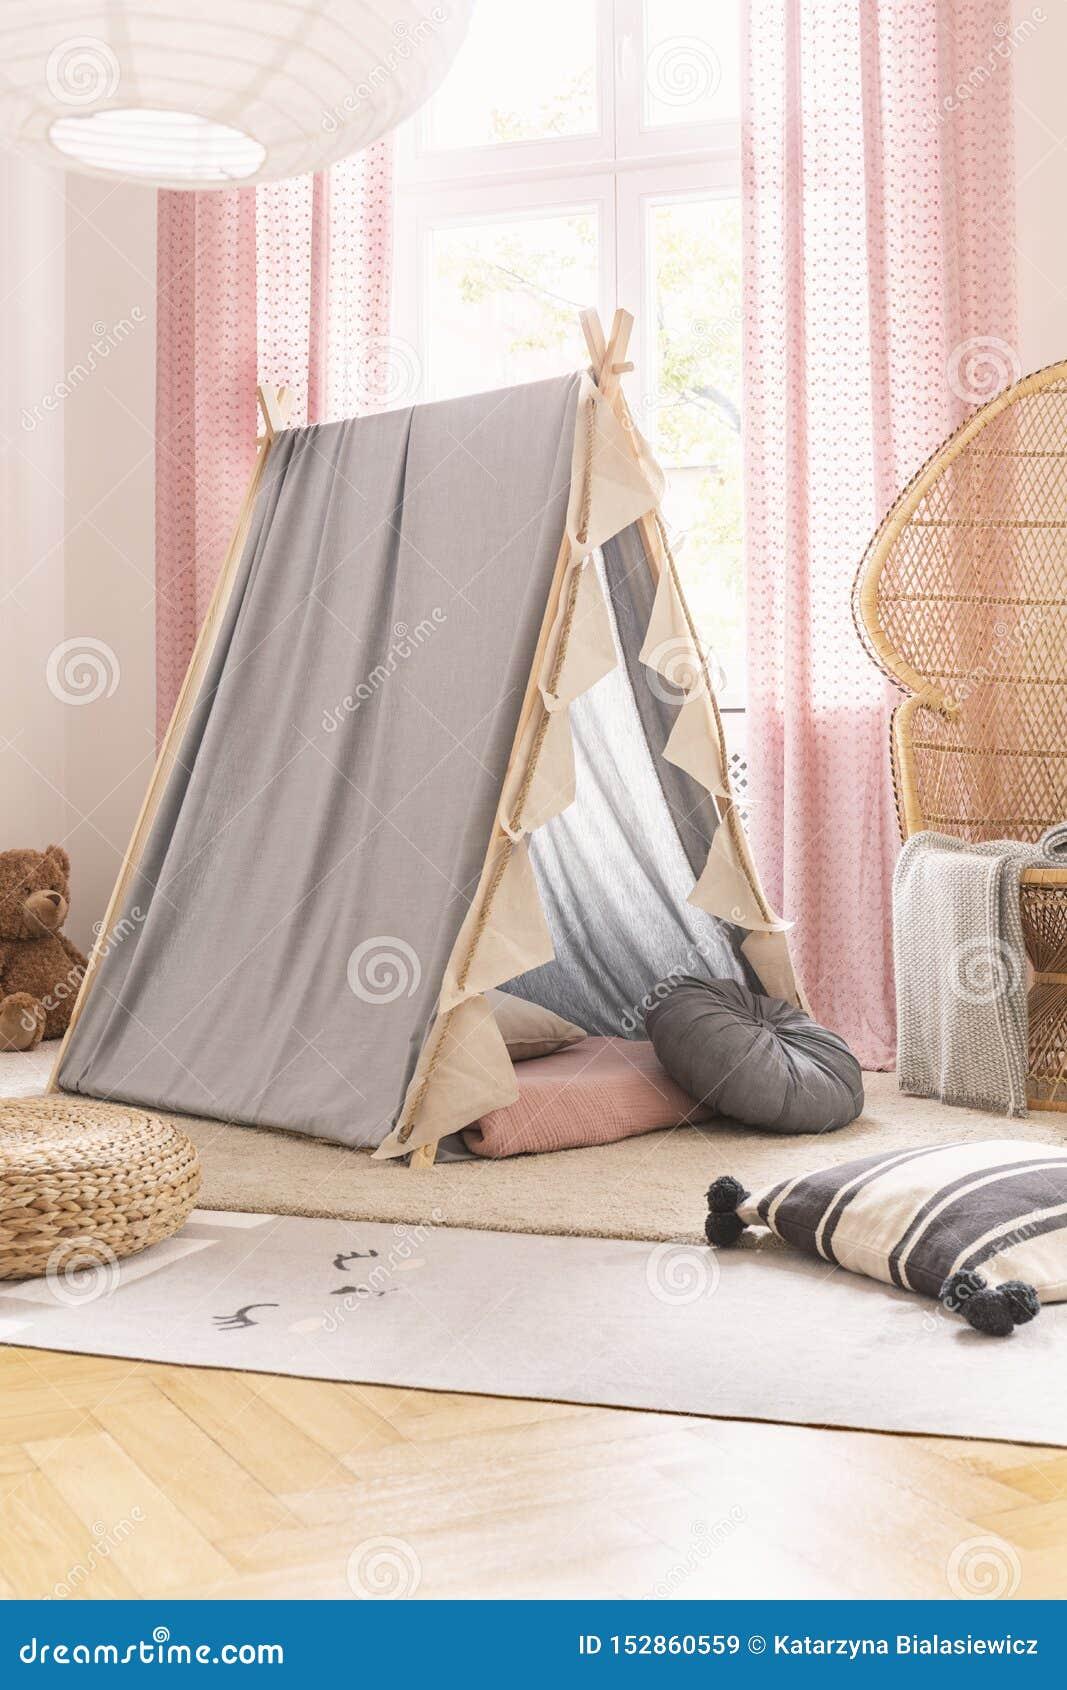 Graues scandi Zelt im netten Spielzimmer des kleinen Mädchens mit Weidenpfaustuhl, Kissen und Teppichen, wirkliches Foto